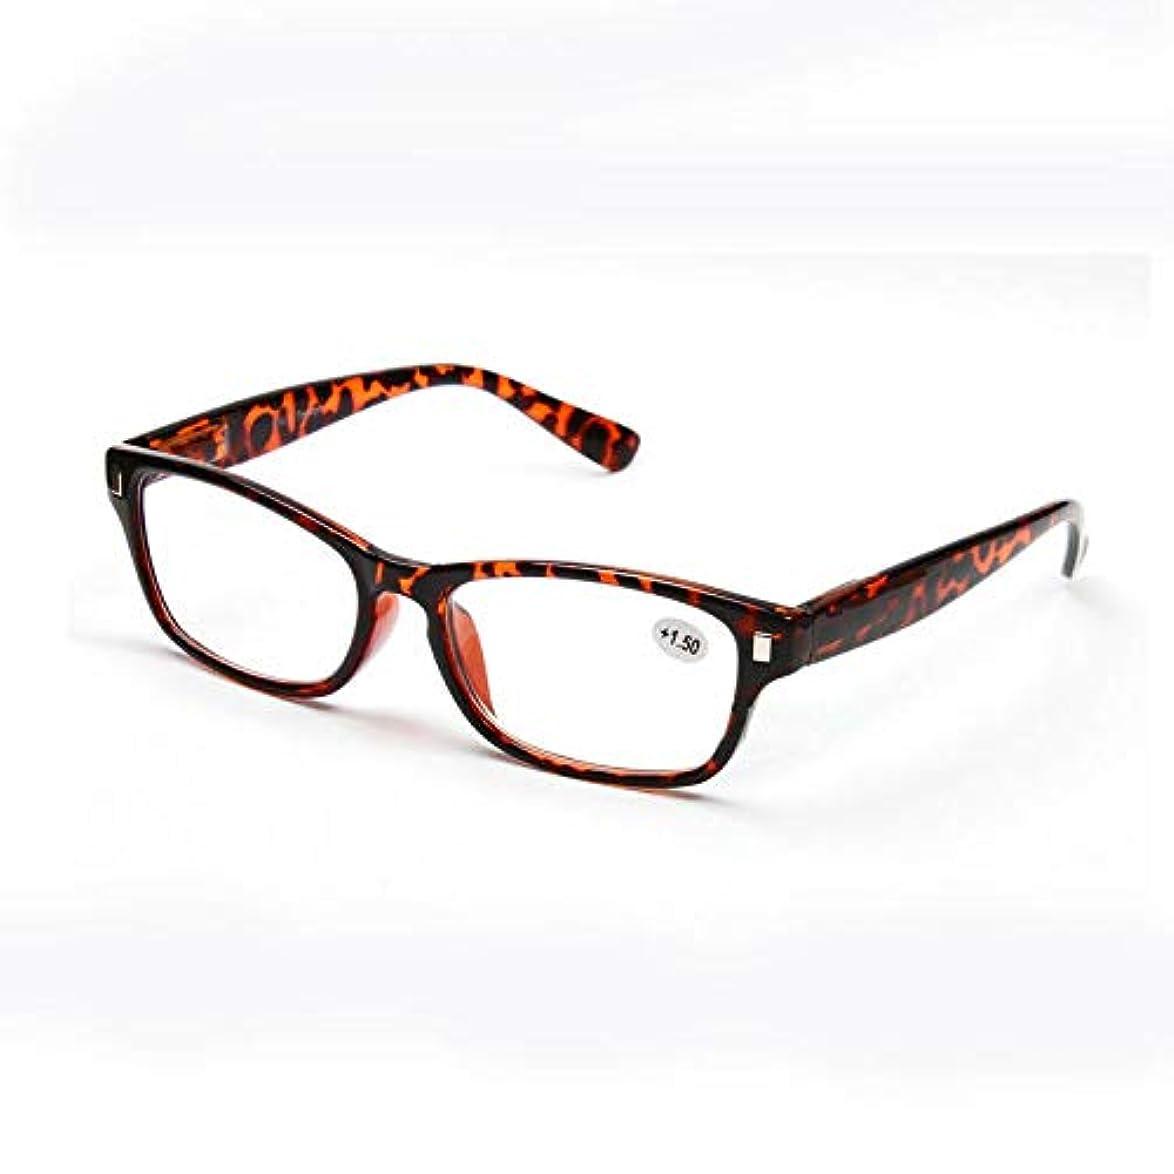 分析的タフ比べるFidgetGear ファッションブラックレンズ老眼鏡サングラス+ 1.0?+ 3.5男性女性ヴィンテージリーダー ヒョウ